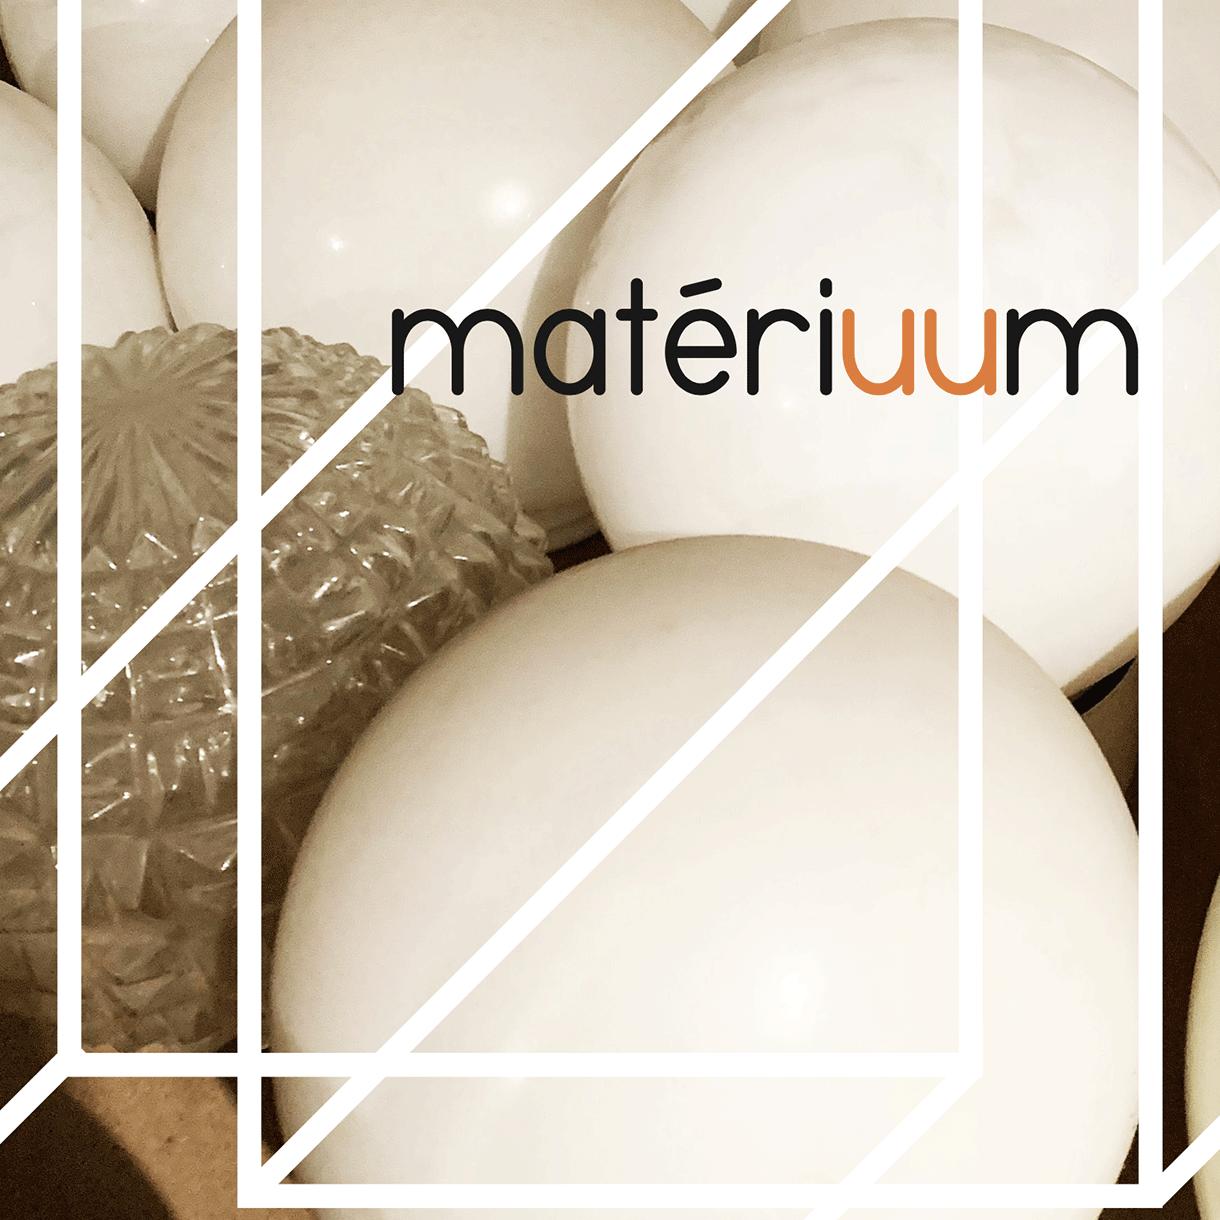 materiuum_photo_imagecarre